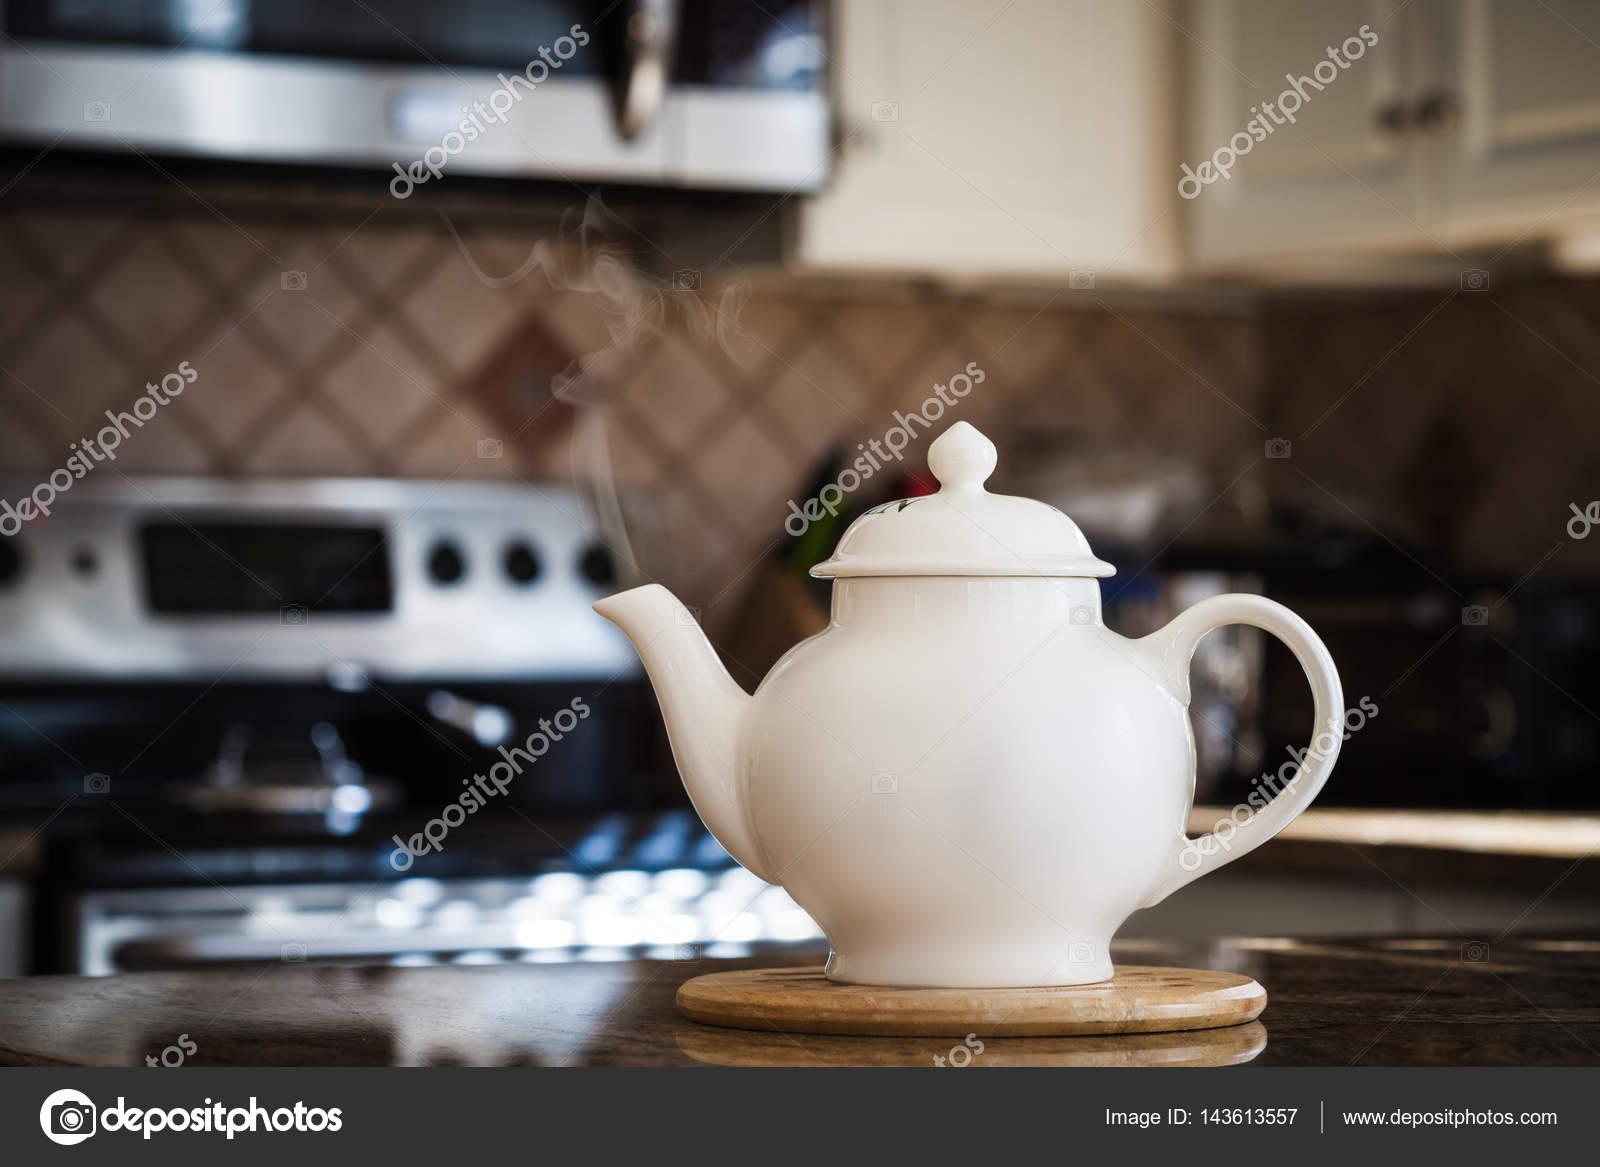 Oude stijl theepot op moderne keuken interieur u stockfoto